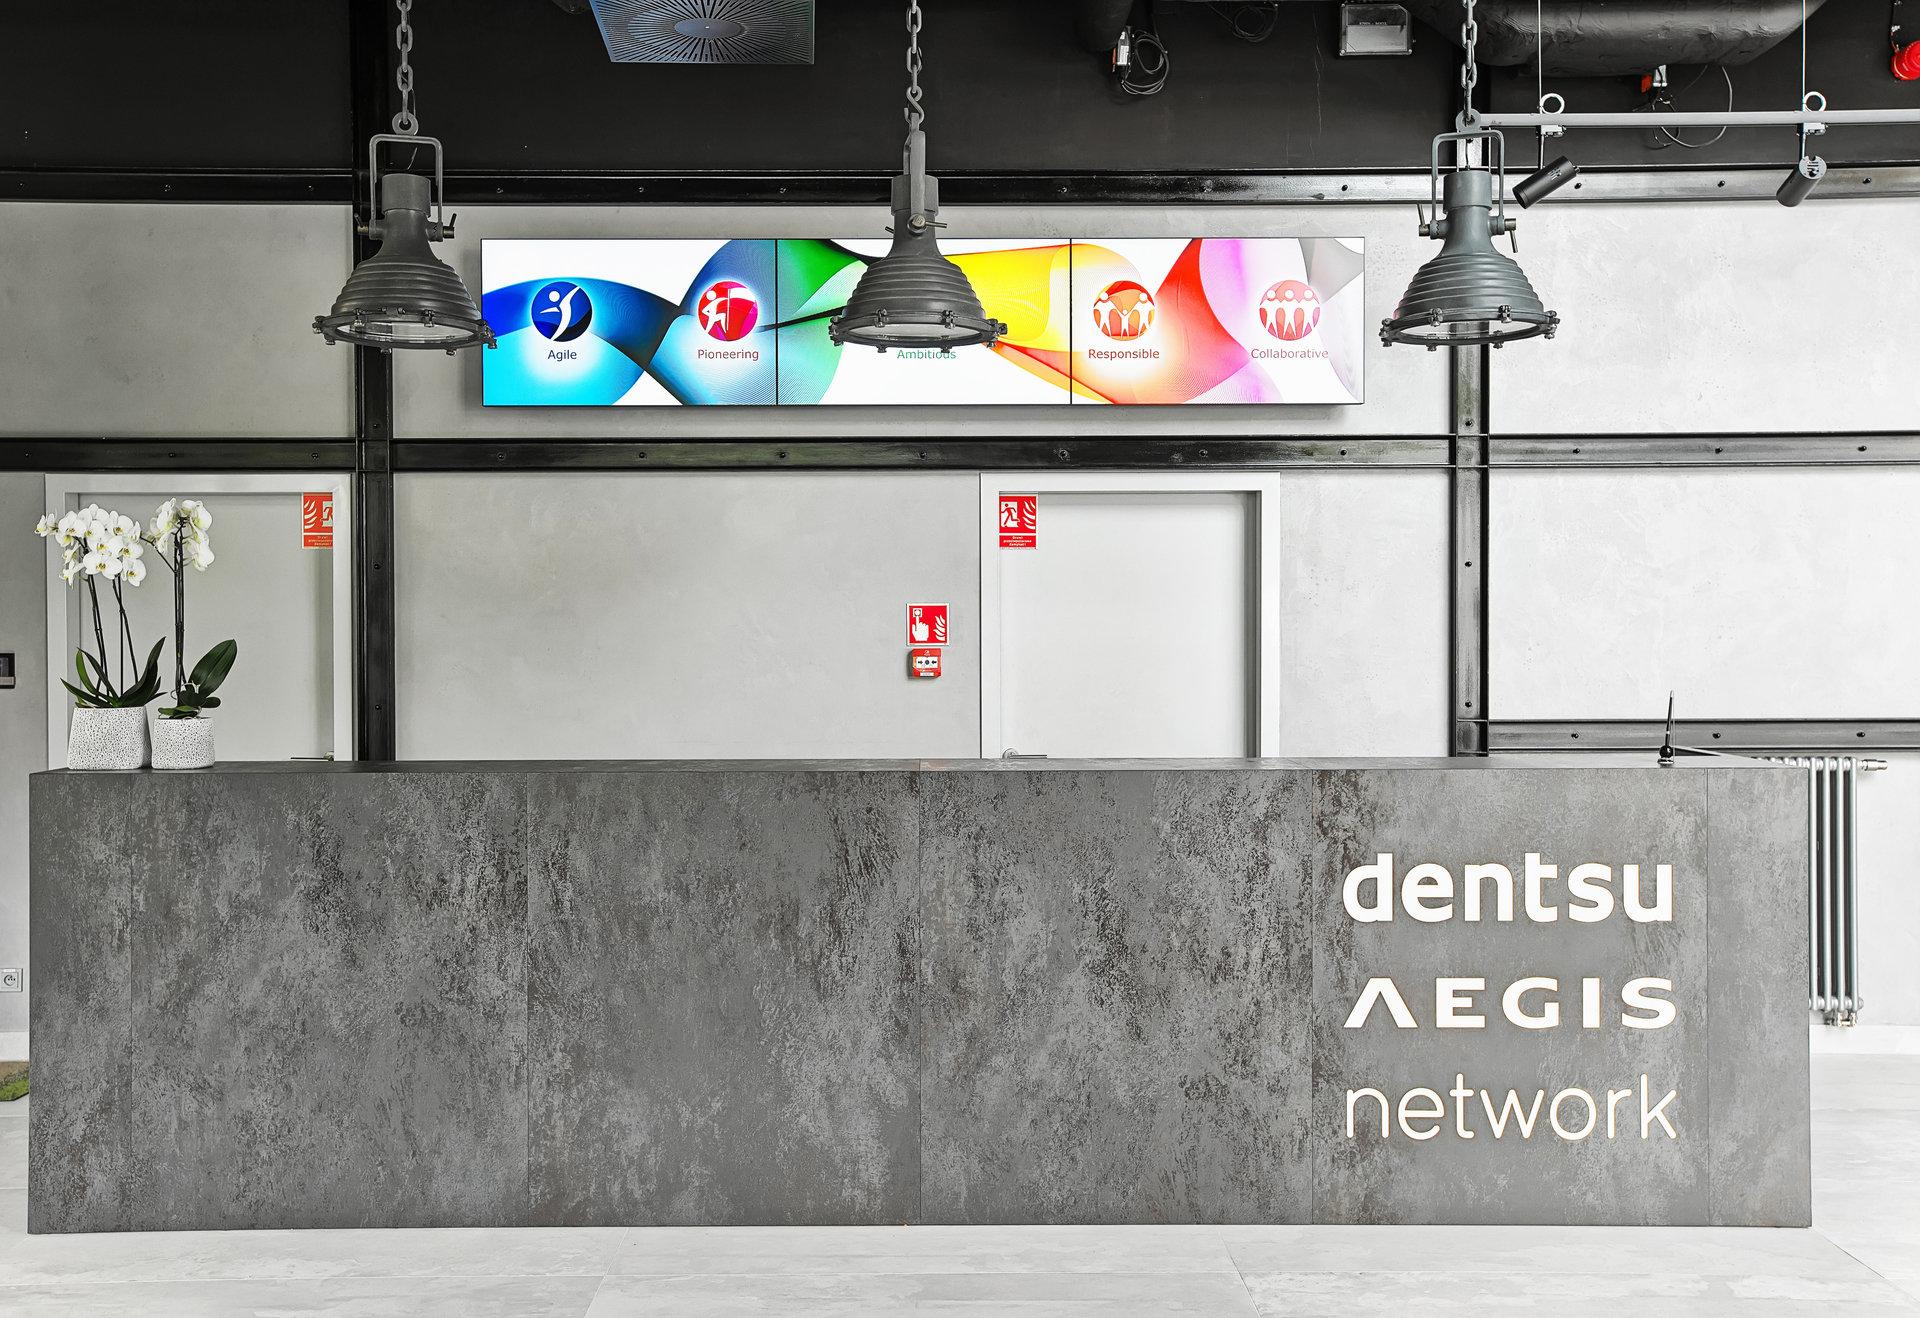 Dentsu Aegis Network Polska ogłasza zmiany w strukturze  oraz rozwój przez partnerstwa i kolejne akwizycje